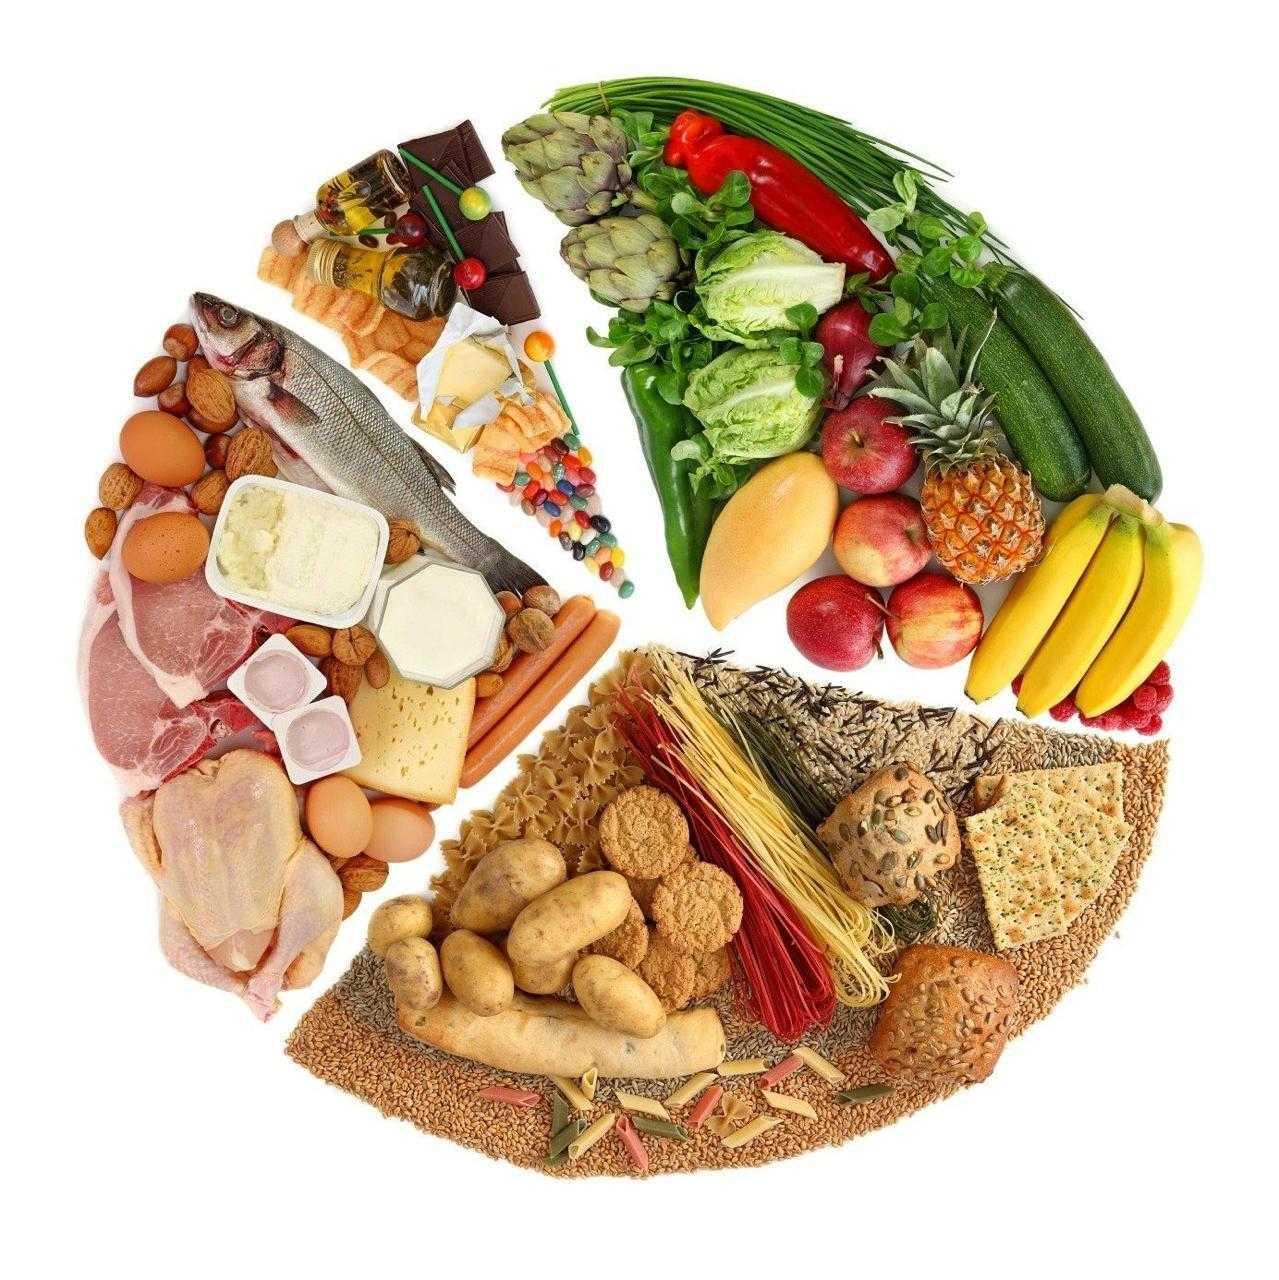 Сбалансированное питание: плюсы и минусы, меню на неделю